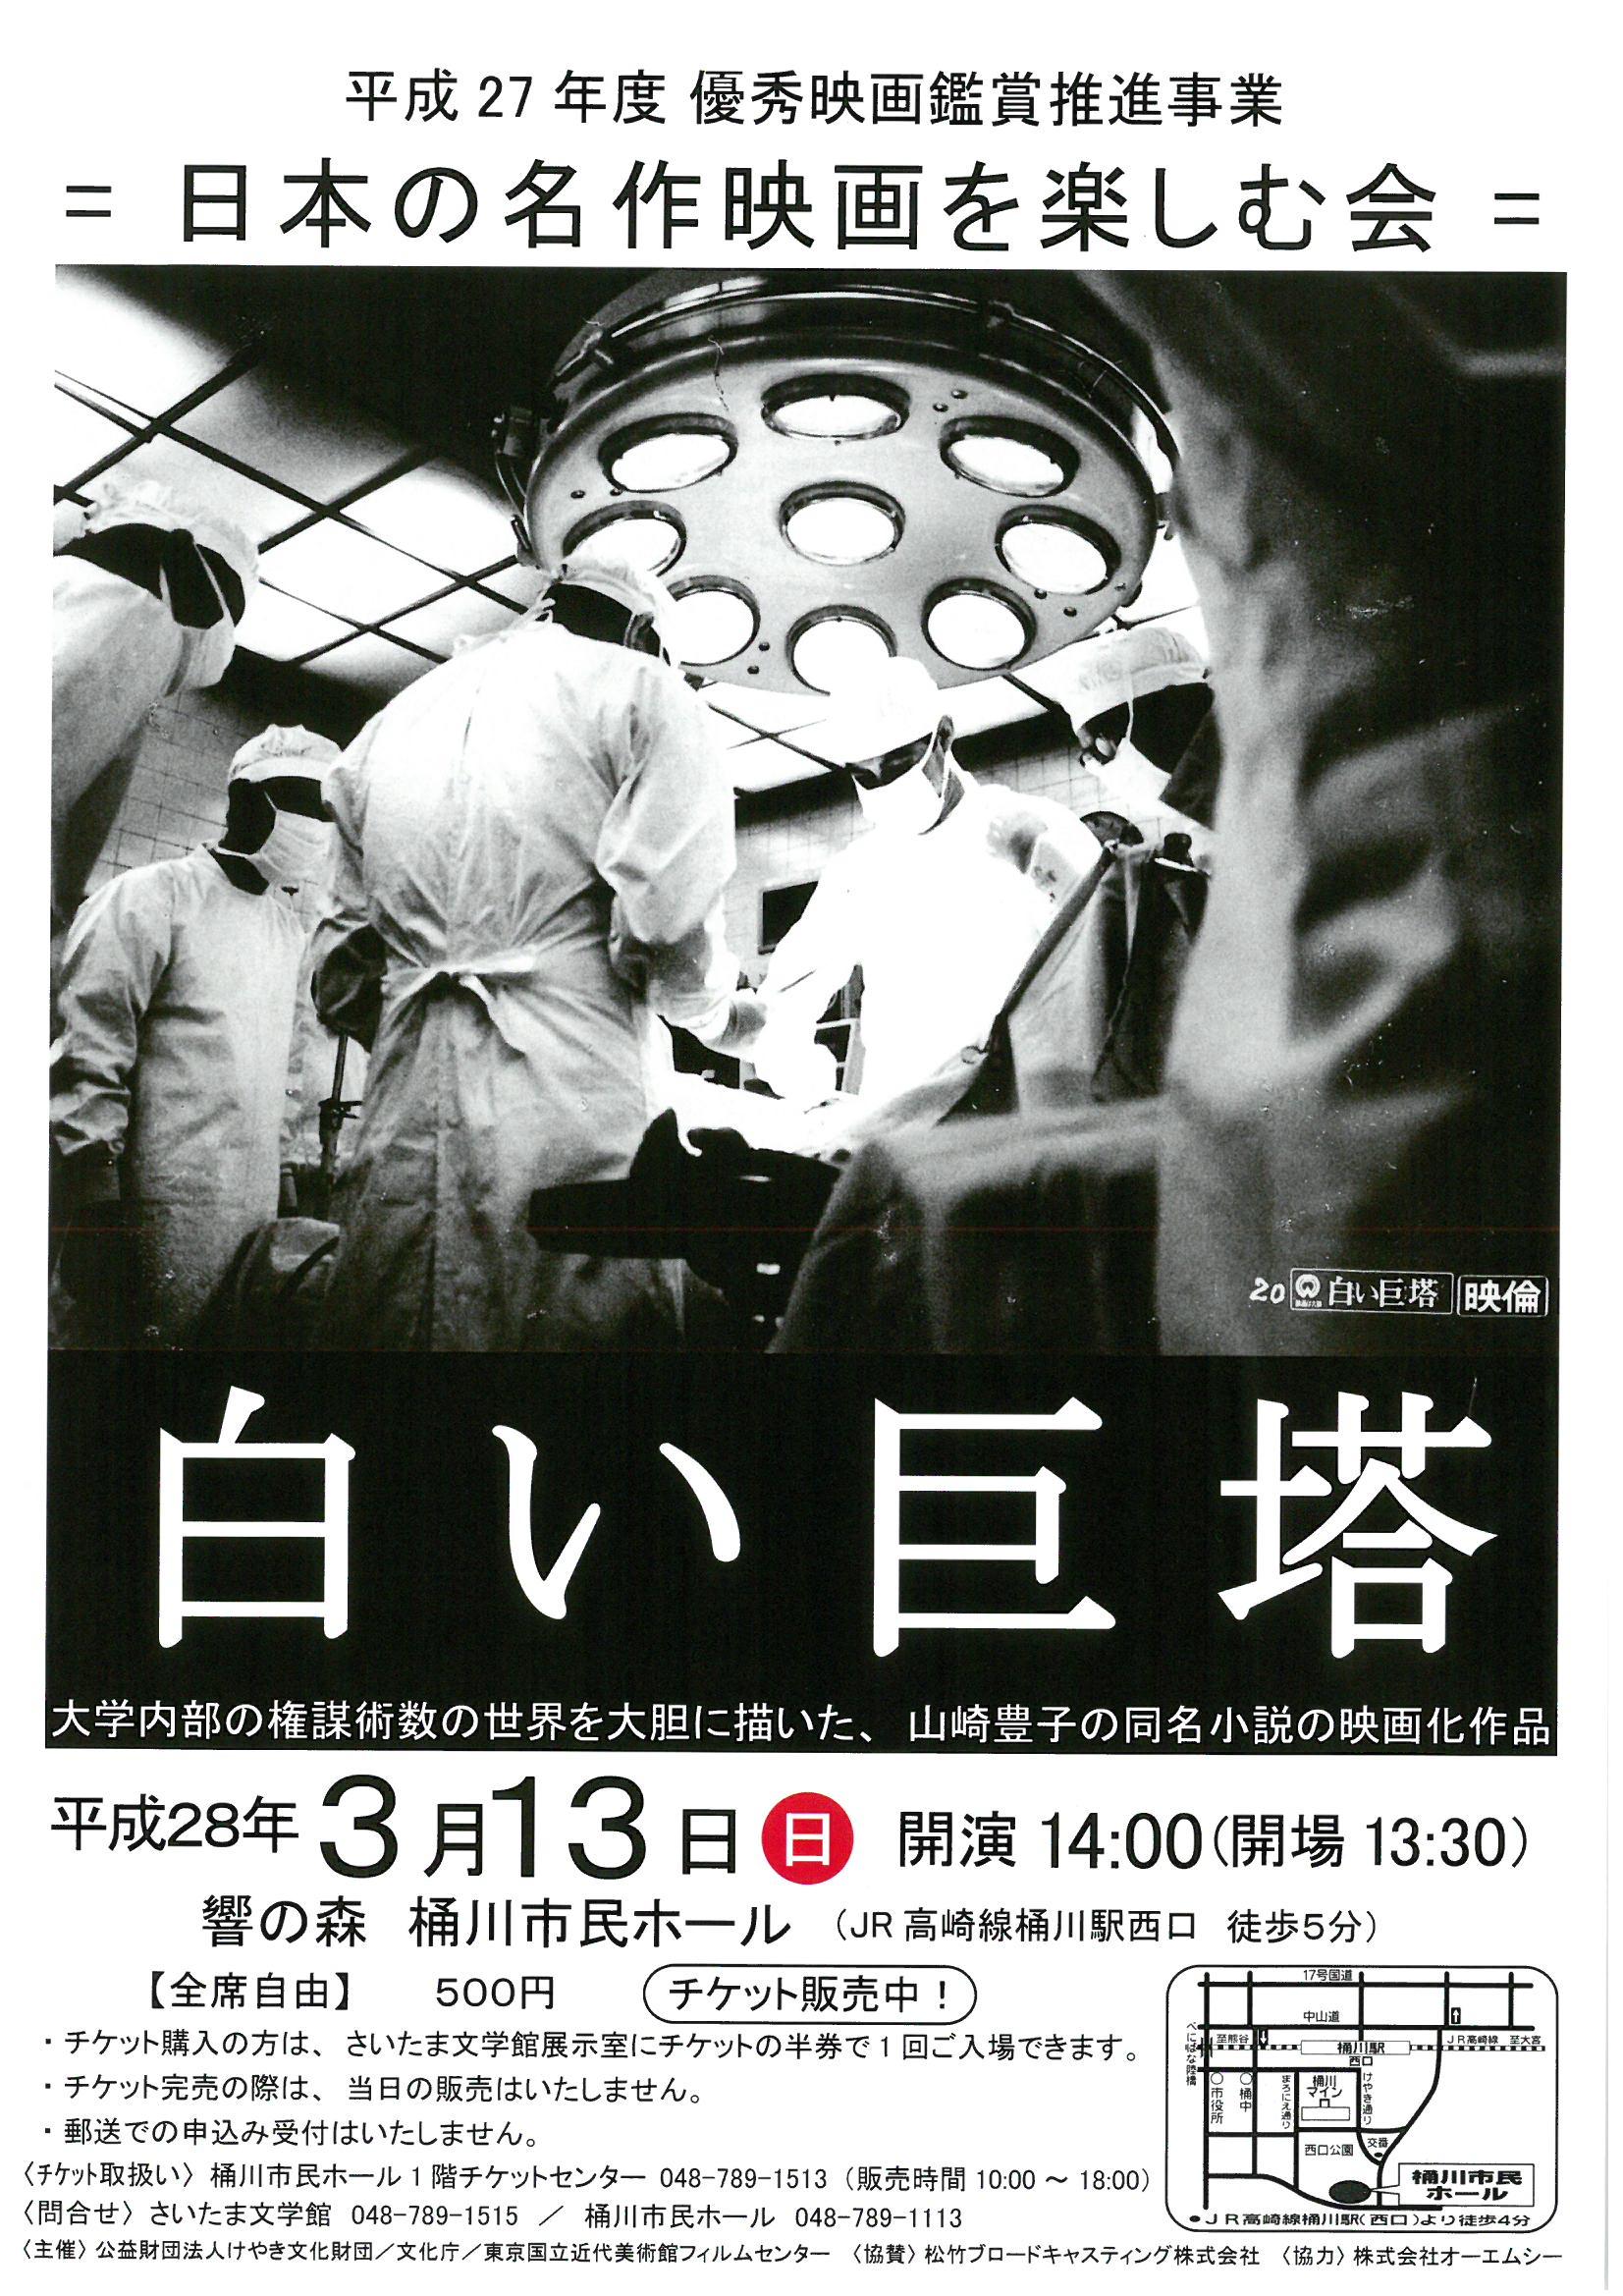 白い巨塔 (映画)